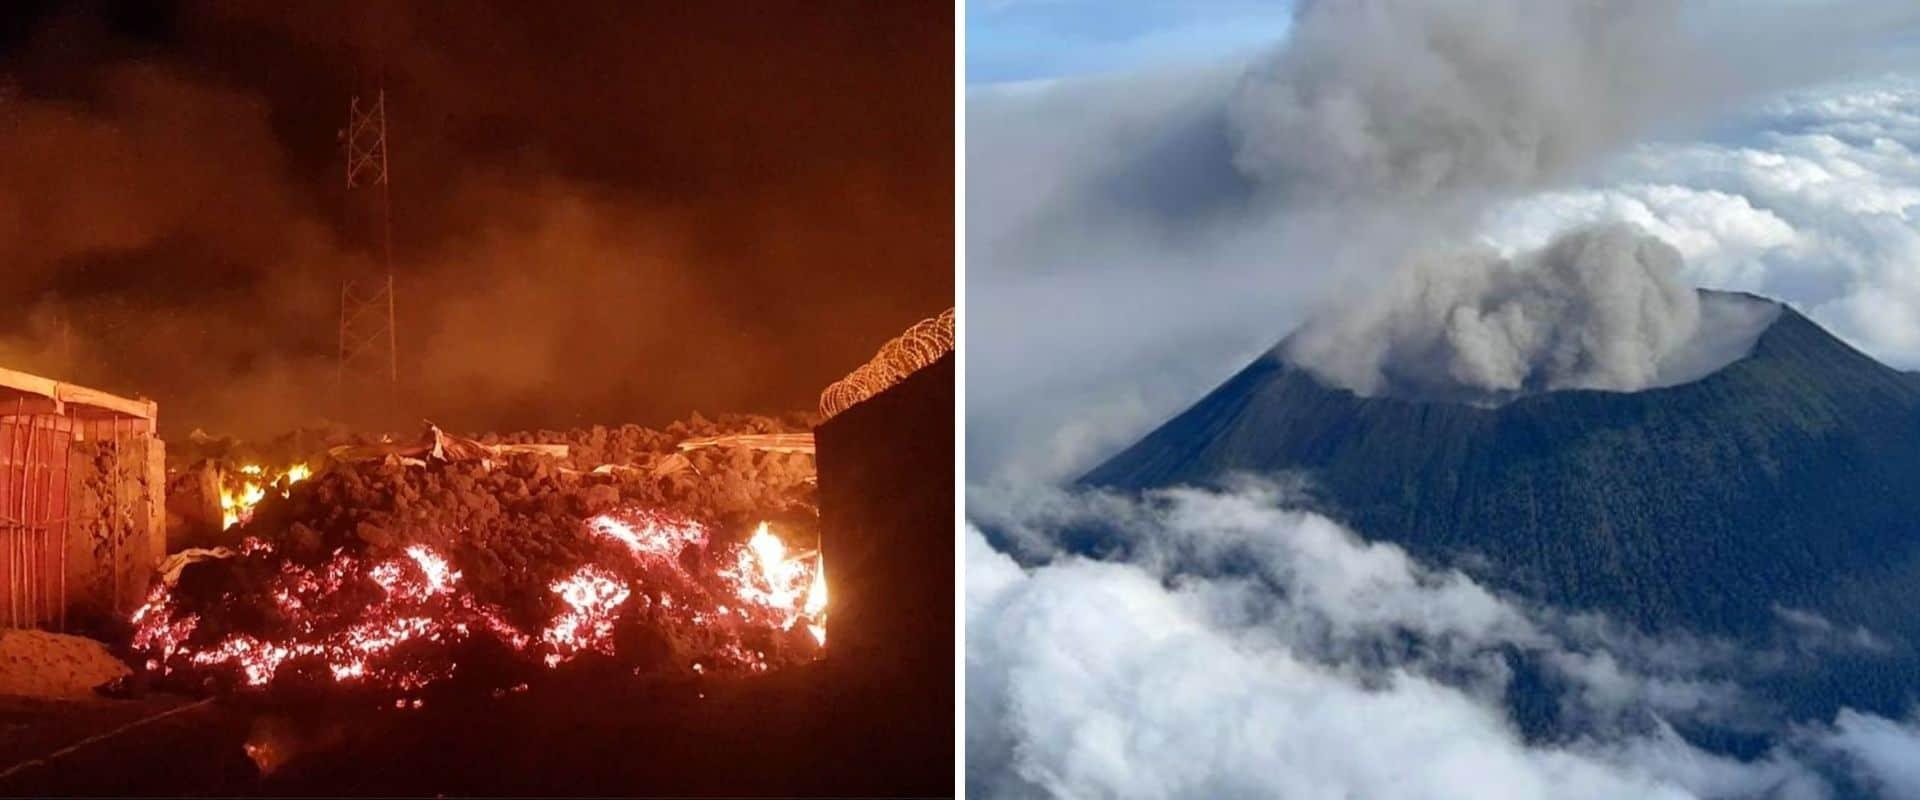 En los últimos días se registraron más de 92 terremotos y temblores cerca del volcán Nyiragongo, en la República Democrática del Congo